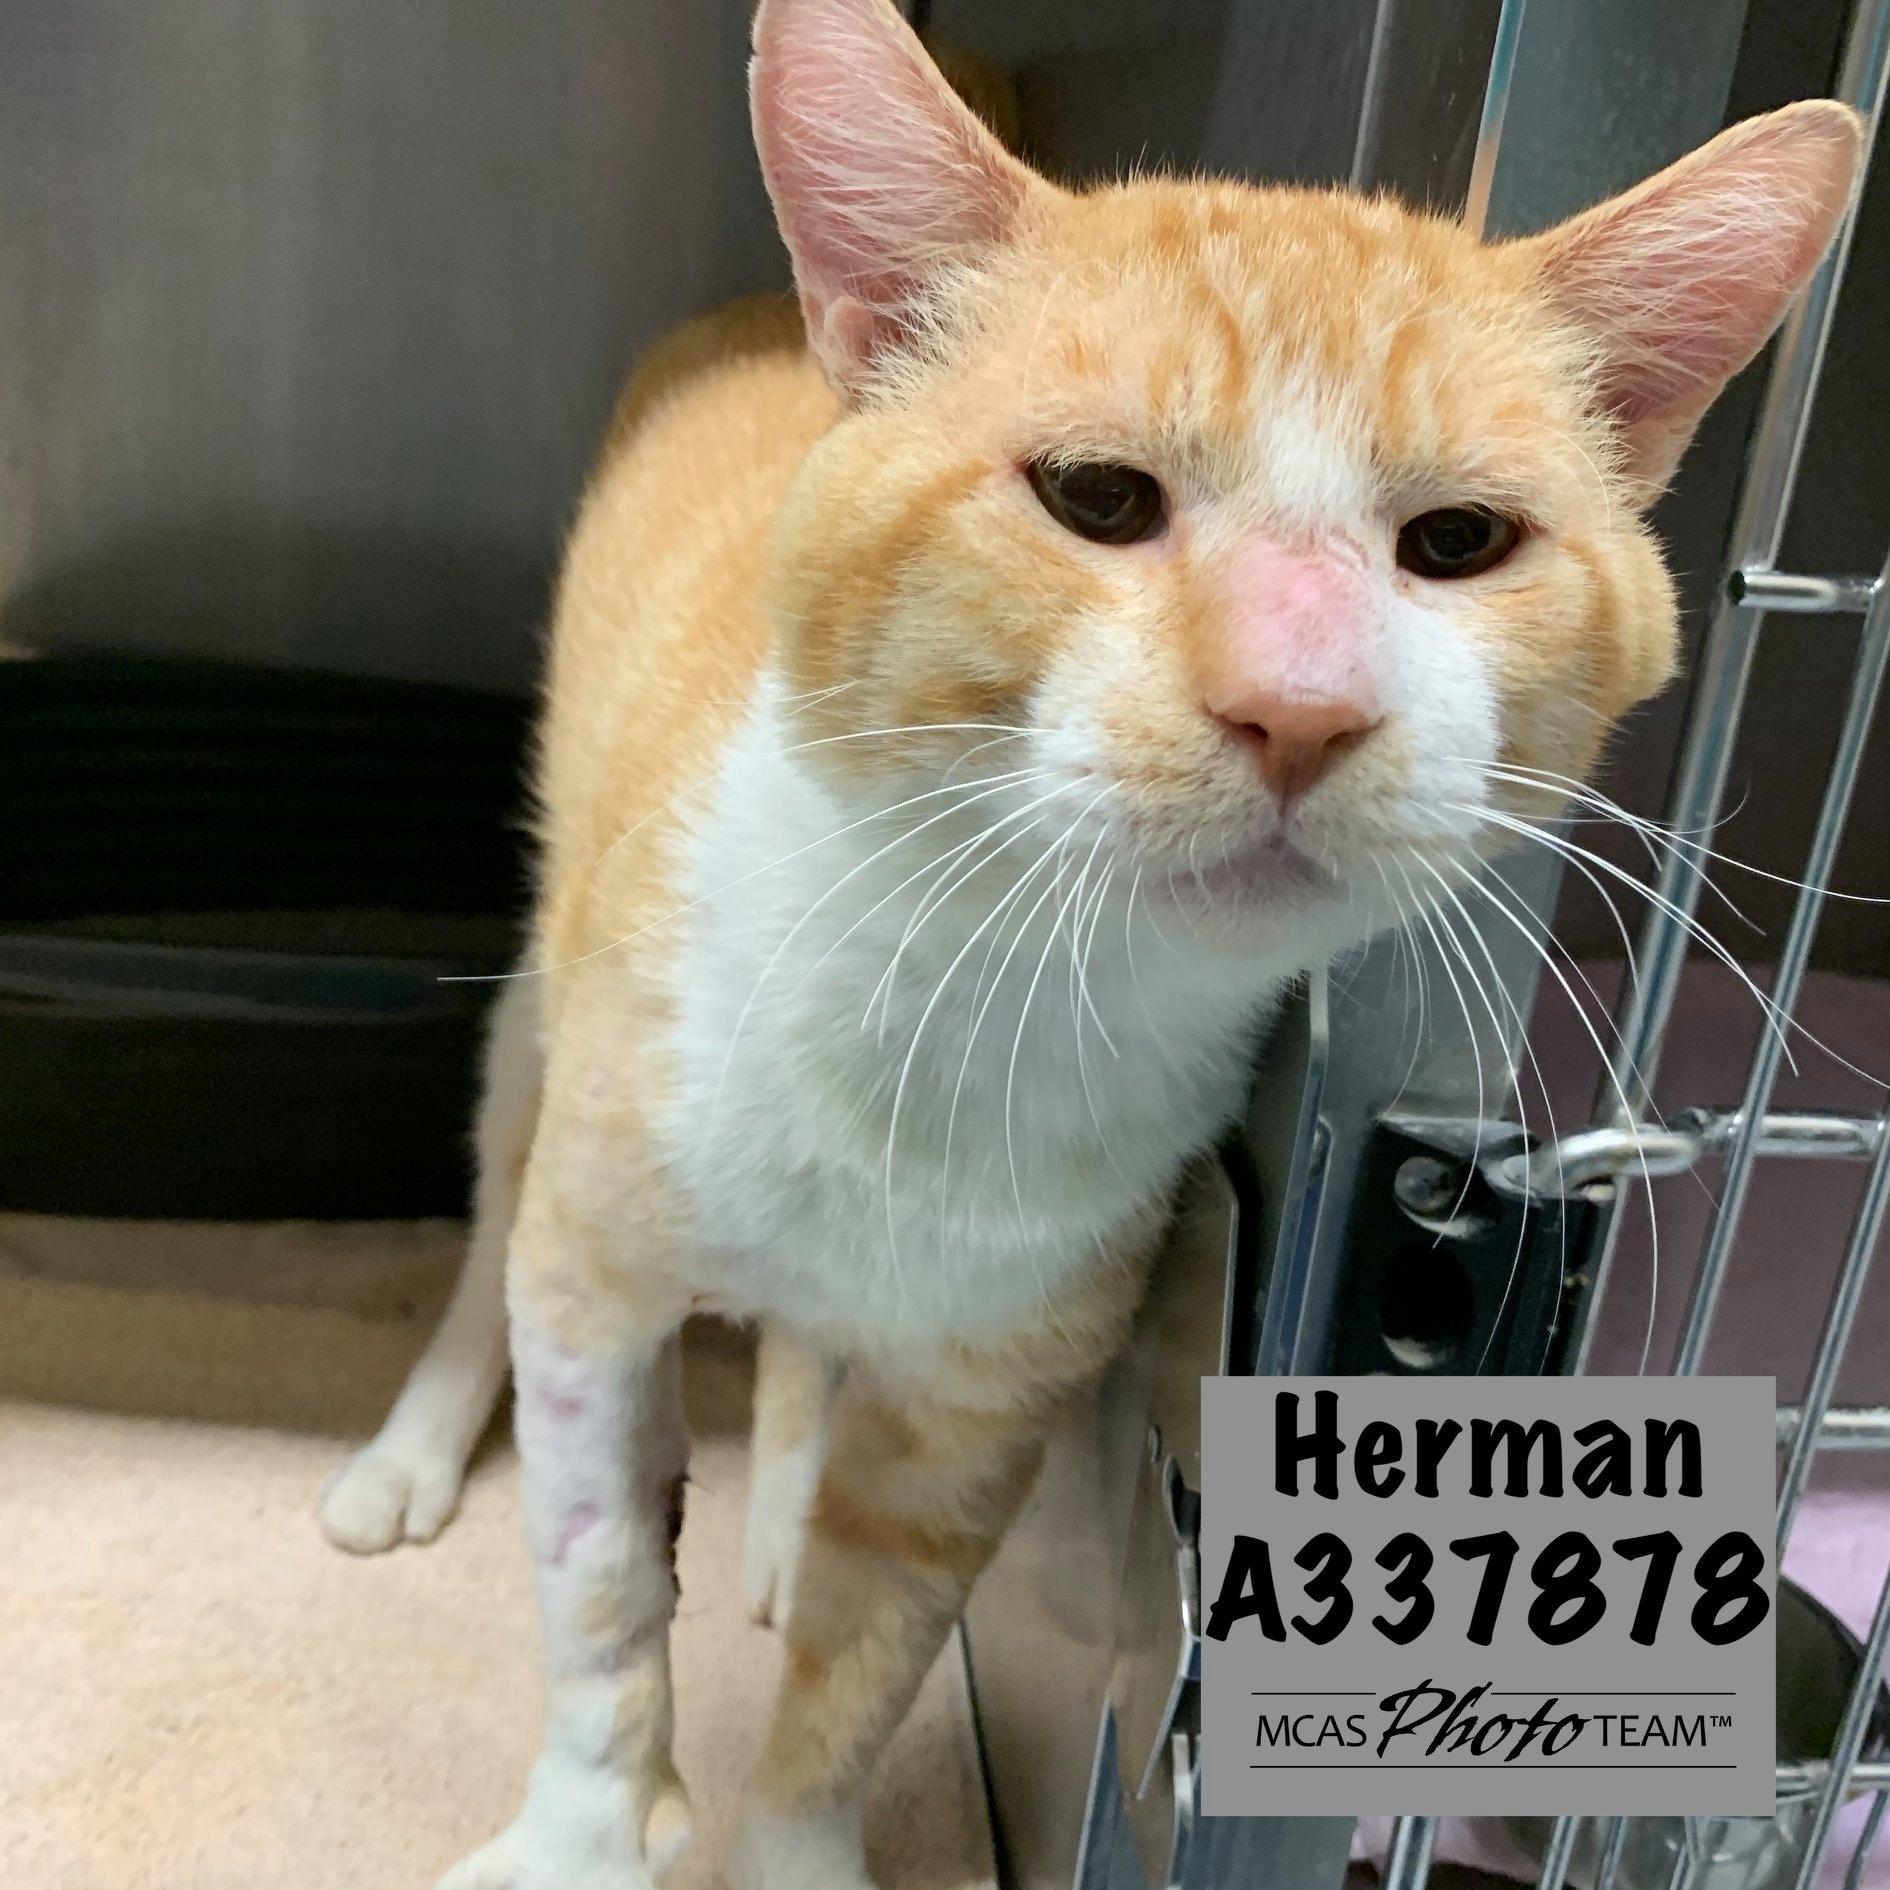 Herman, ID: A337878